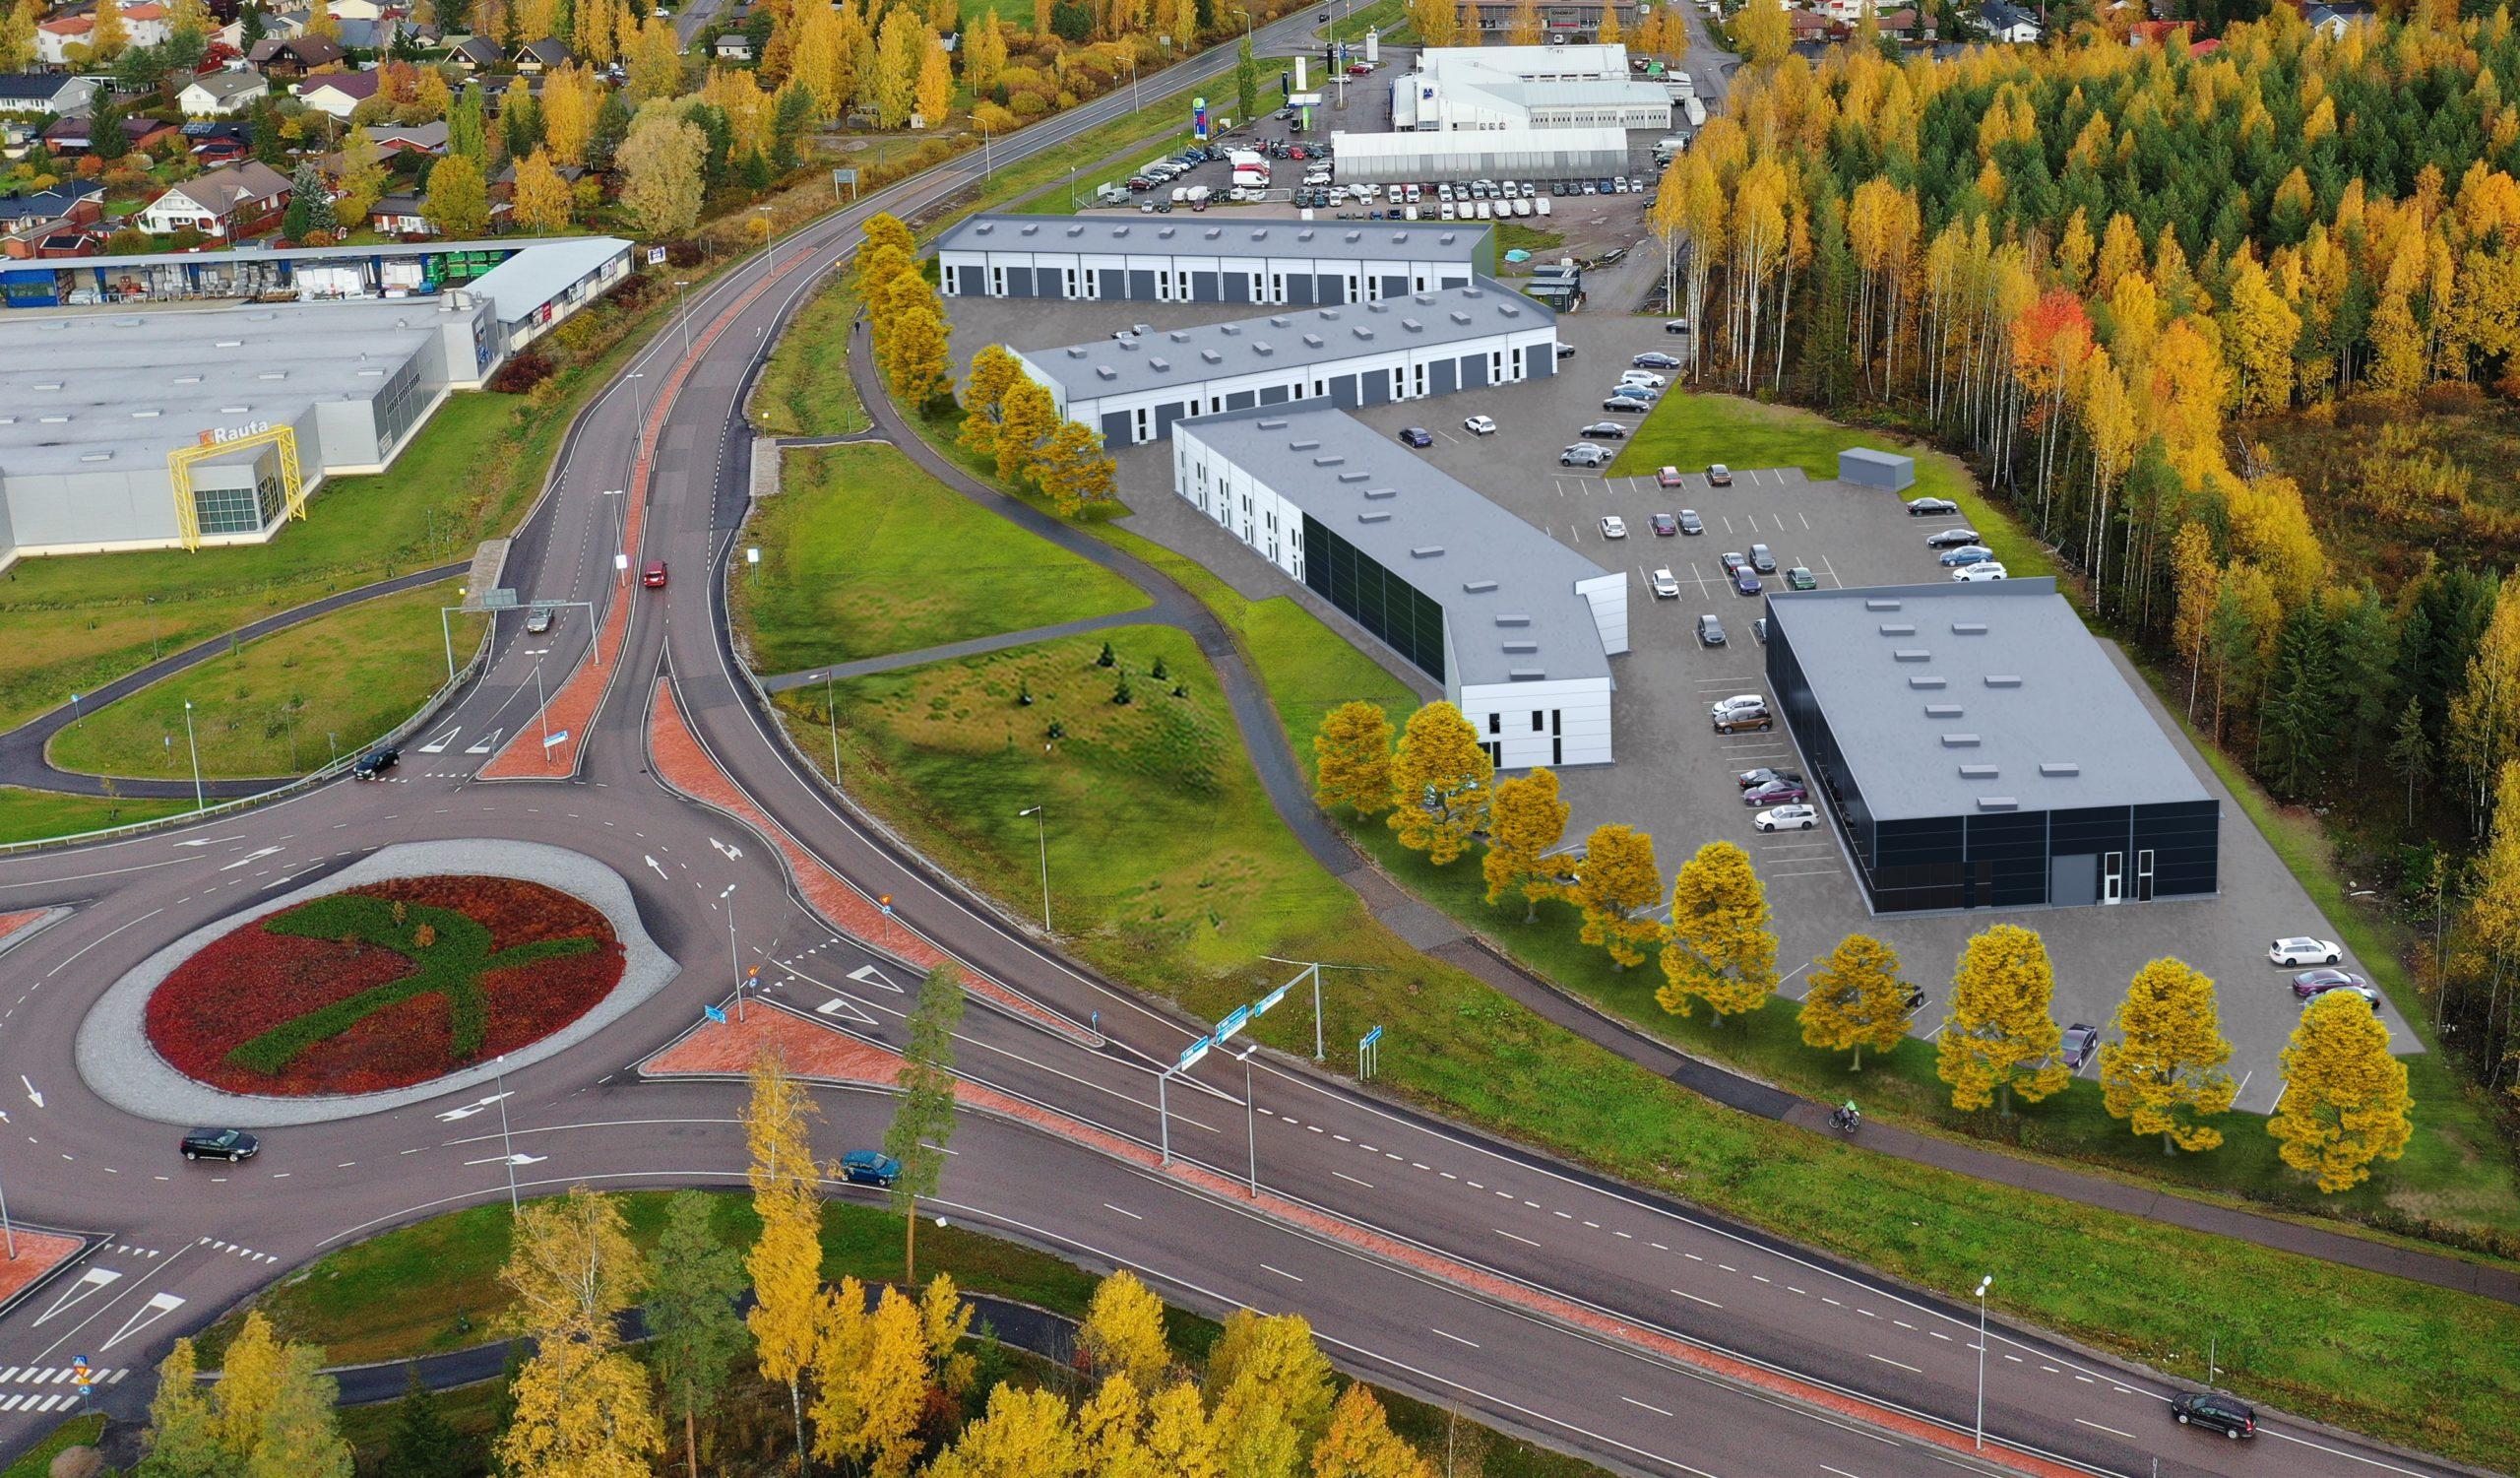 Artikkeli: Järvenpäähän valmistuu uusia toimitiloja parhaalle paikalle